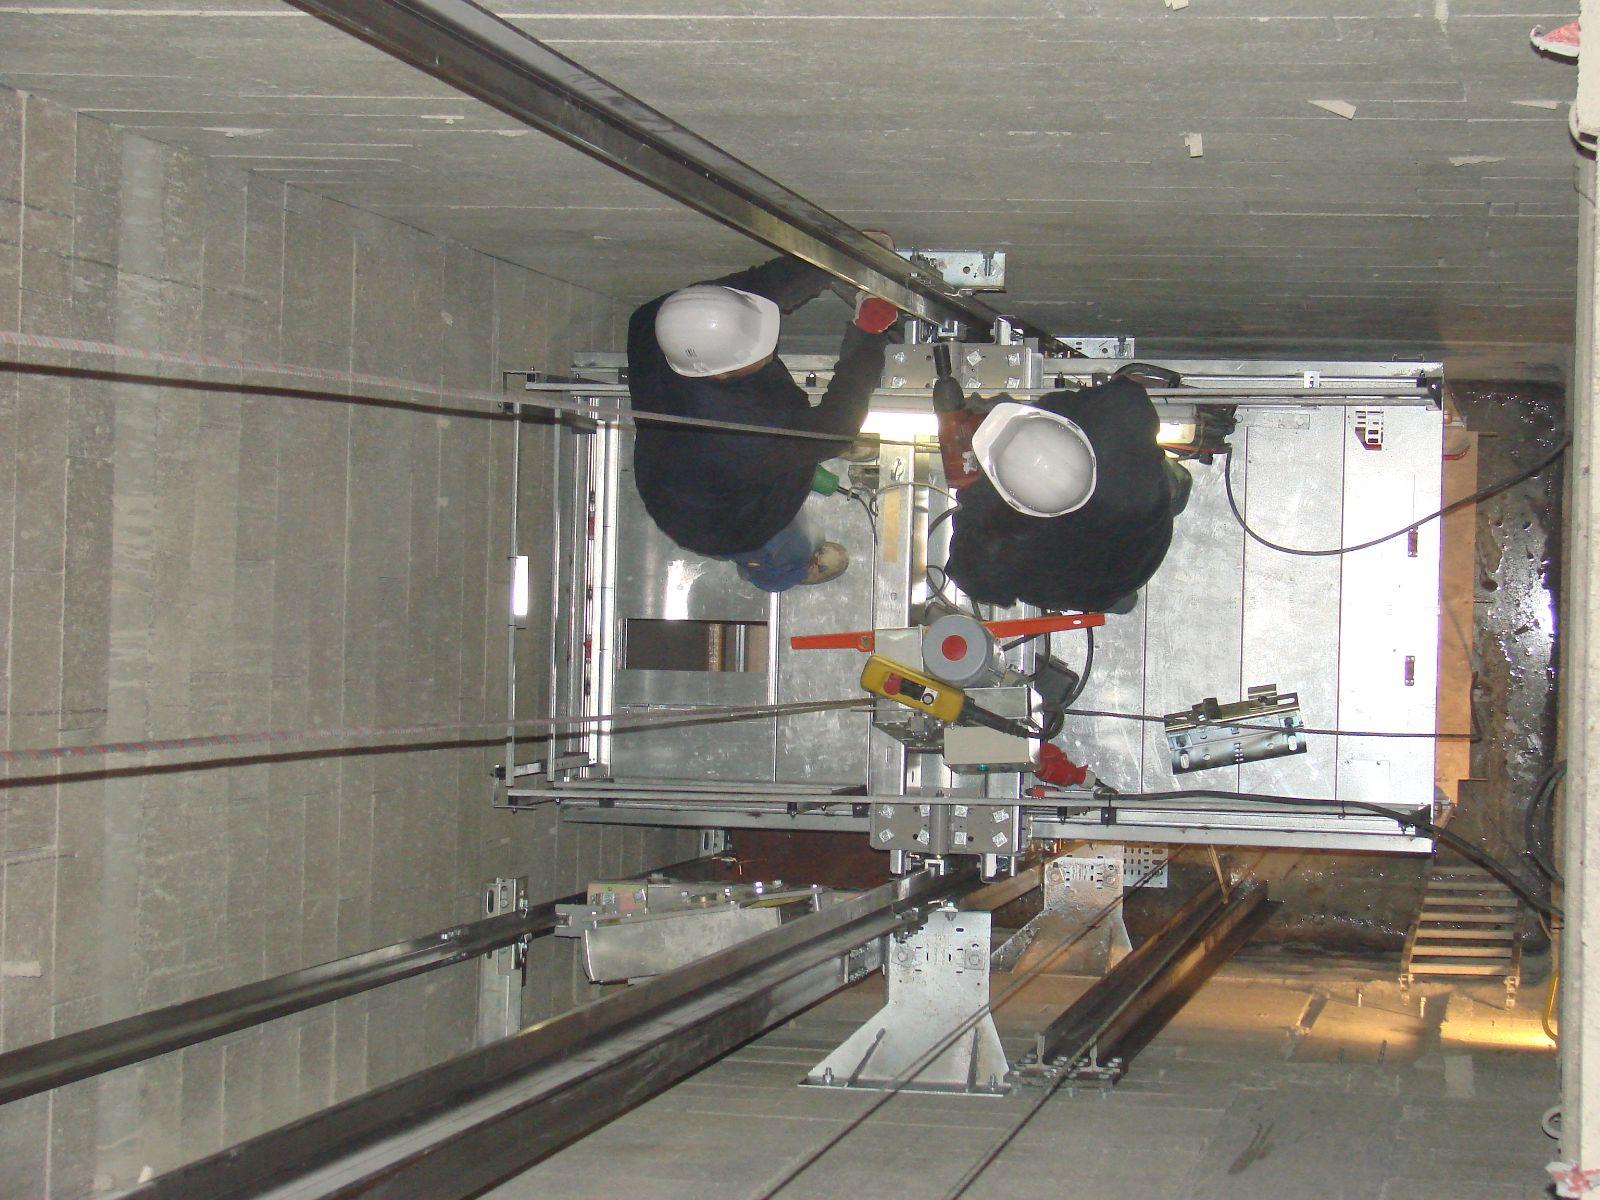 optez pour l 39 installation d 39 un ascenseur pour revaloriser votre immeuble. Black Bedroom Furniture Sets. Home Design Ideas